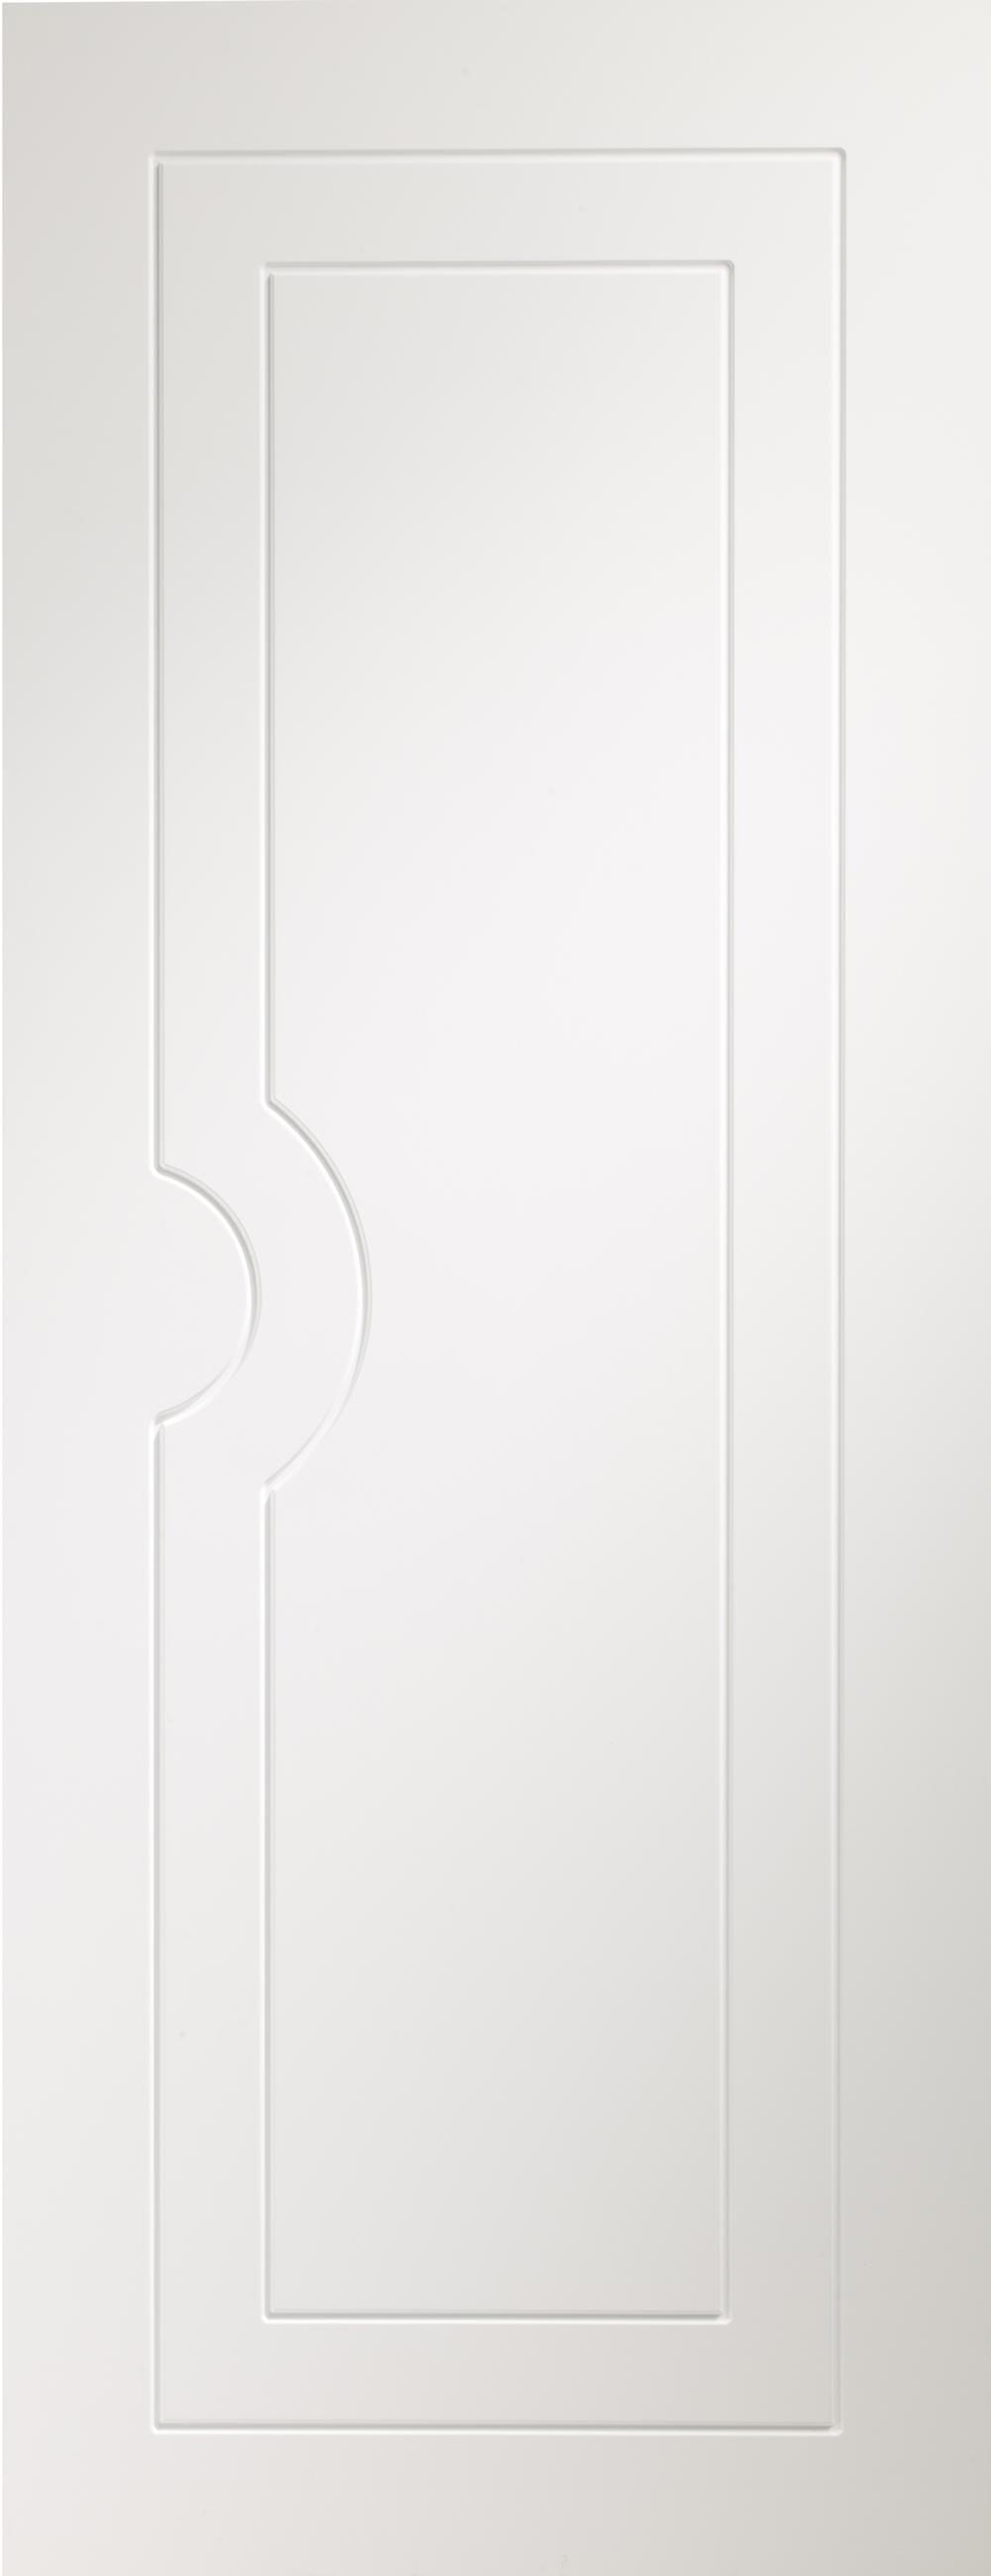 Potenza White - Prefinished Image